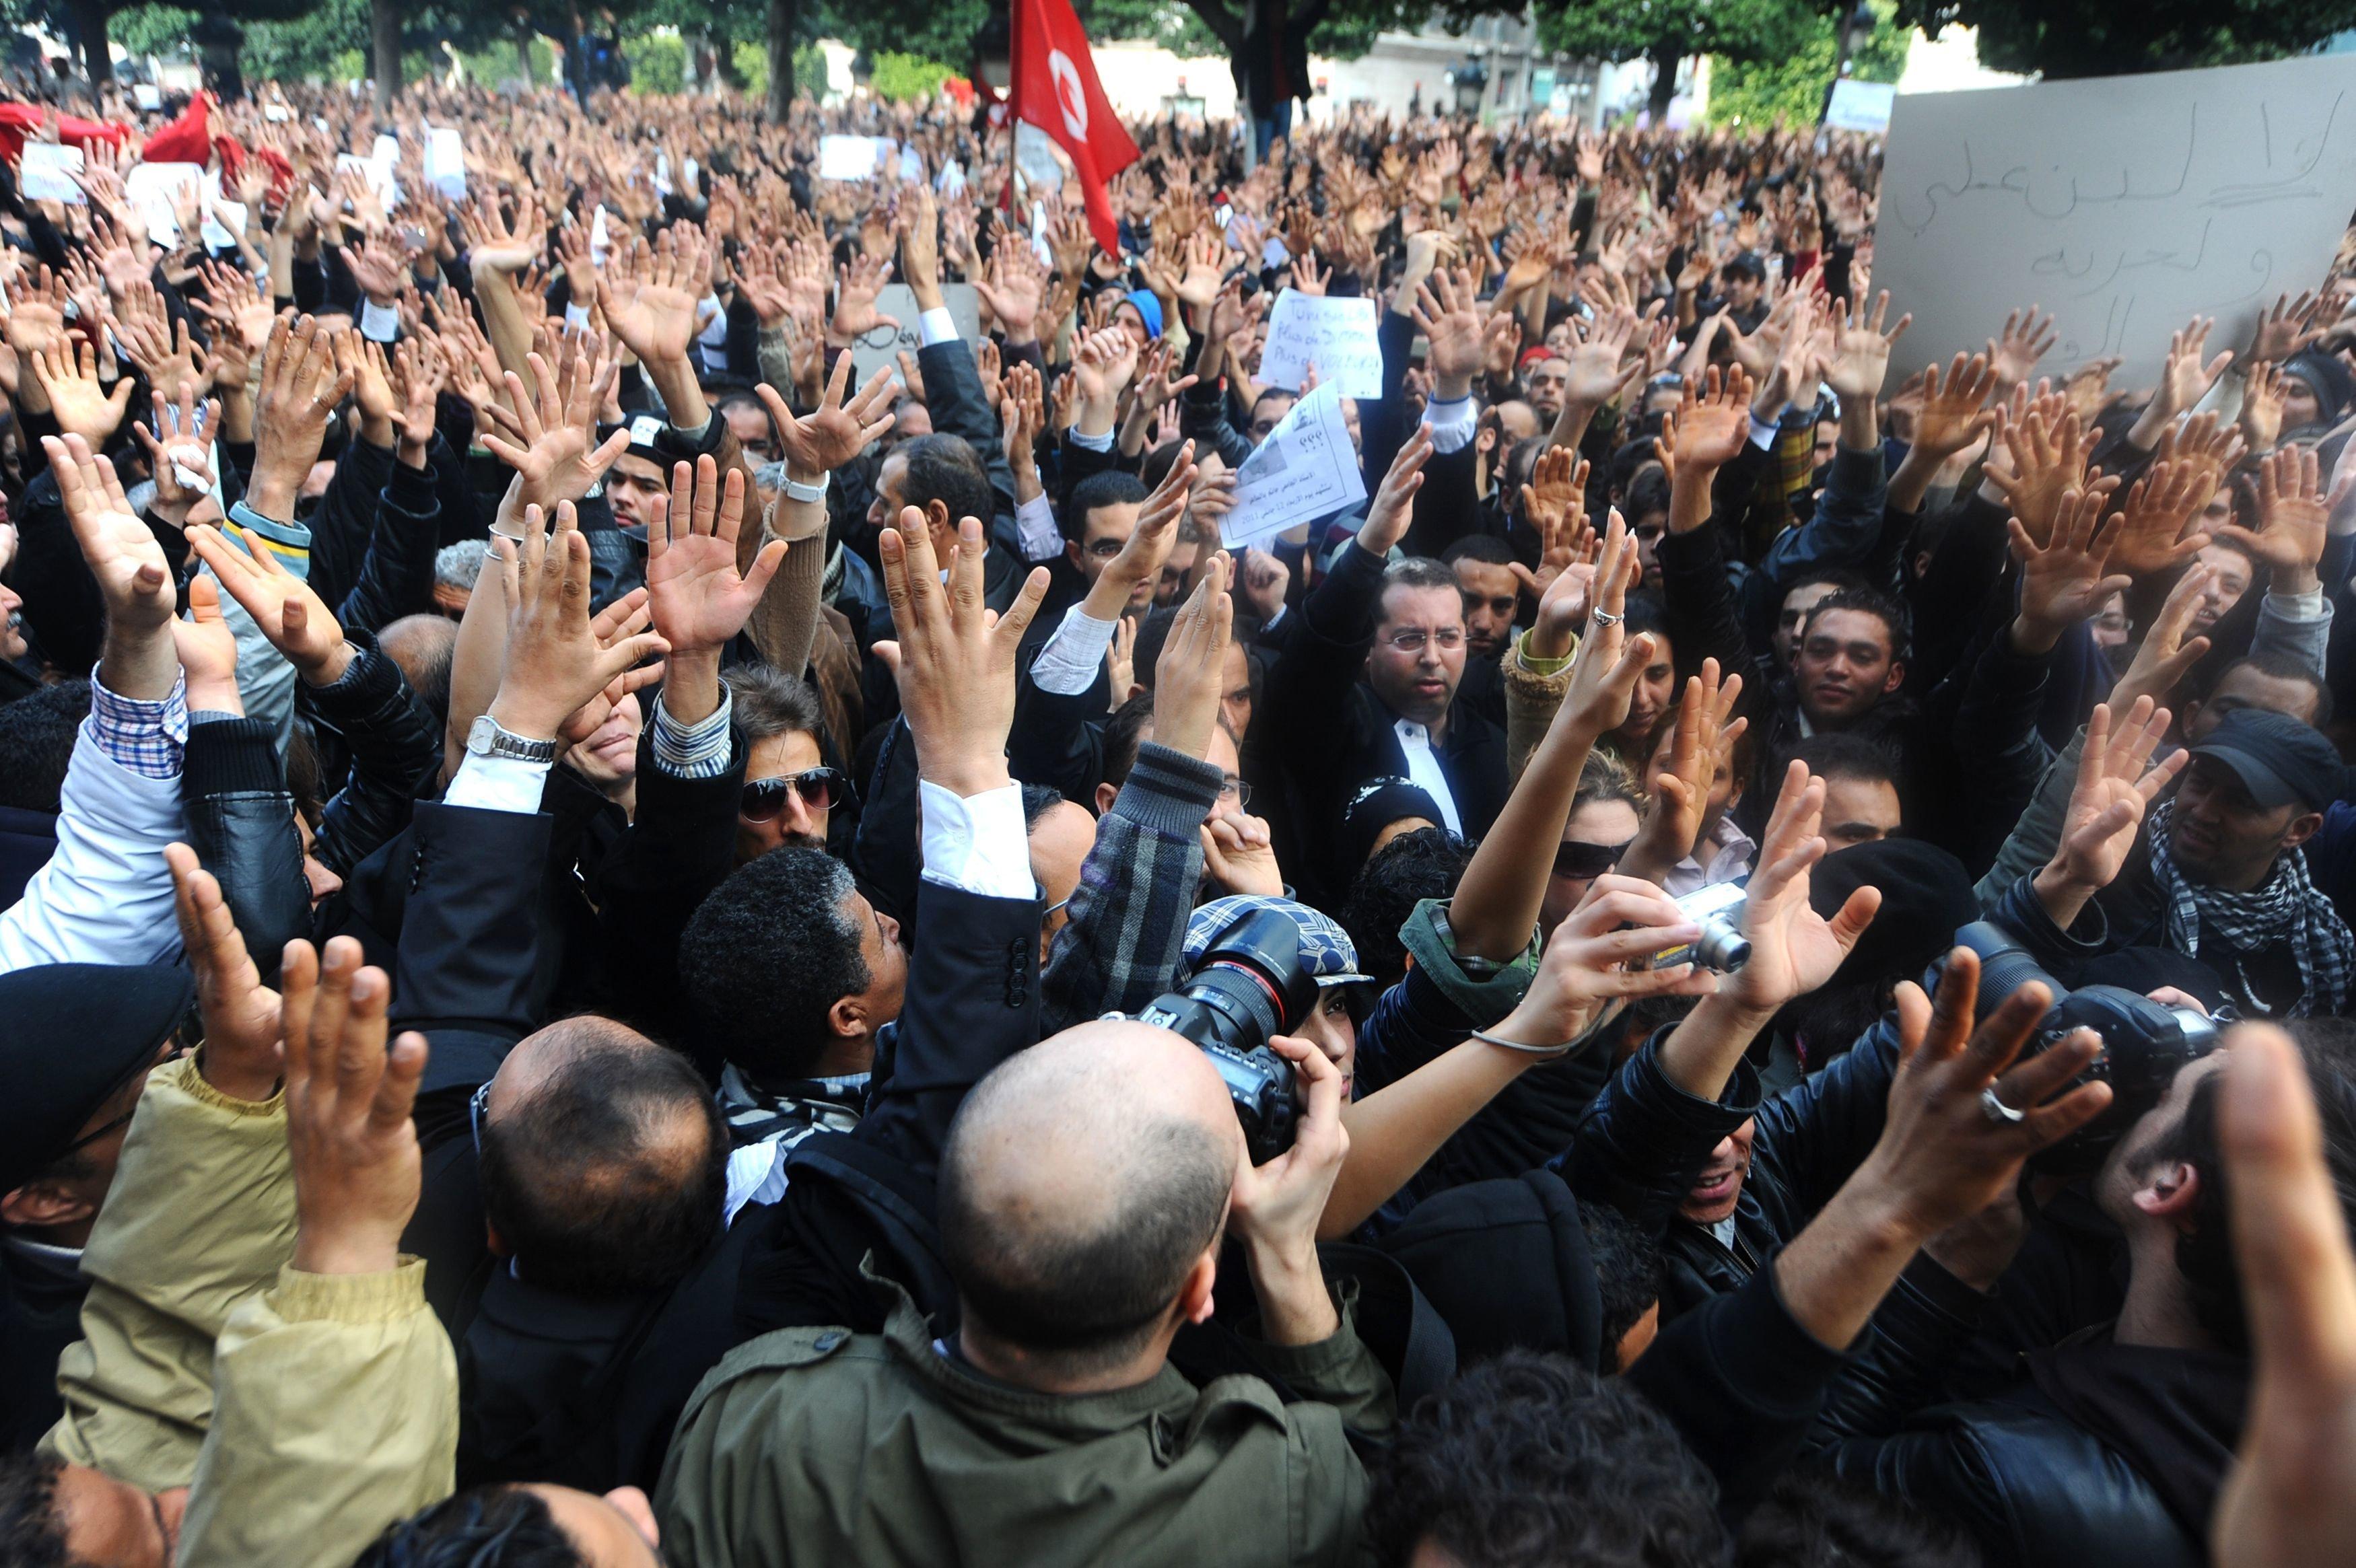 Non, la révolution n'est pas responsable